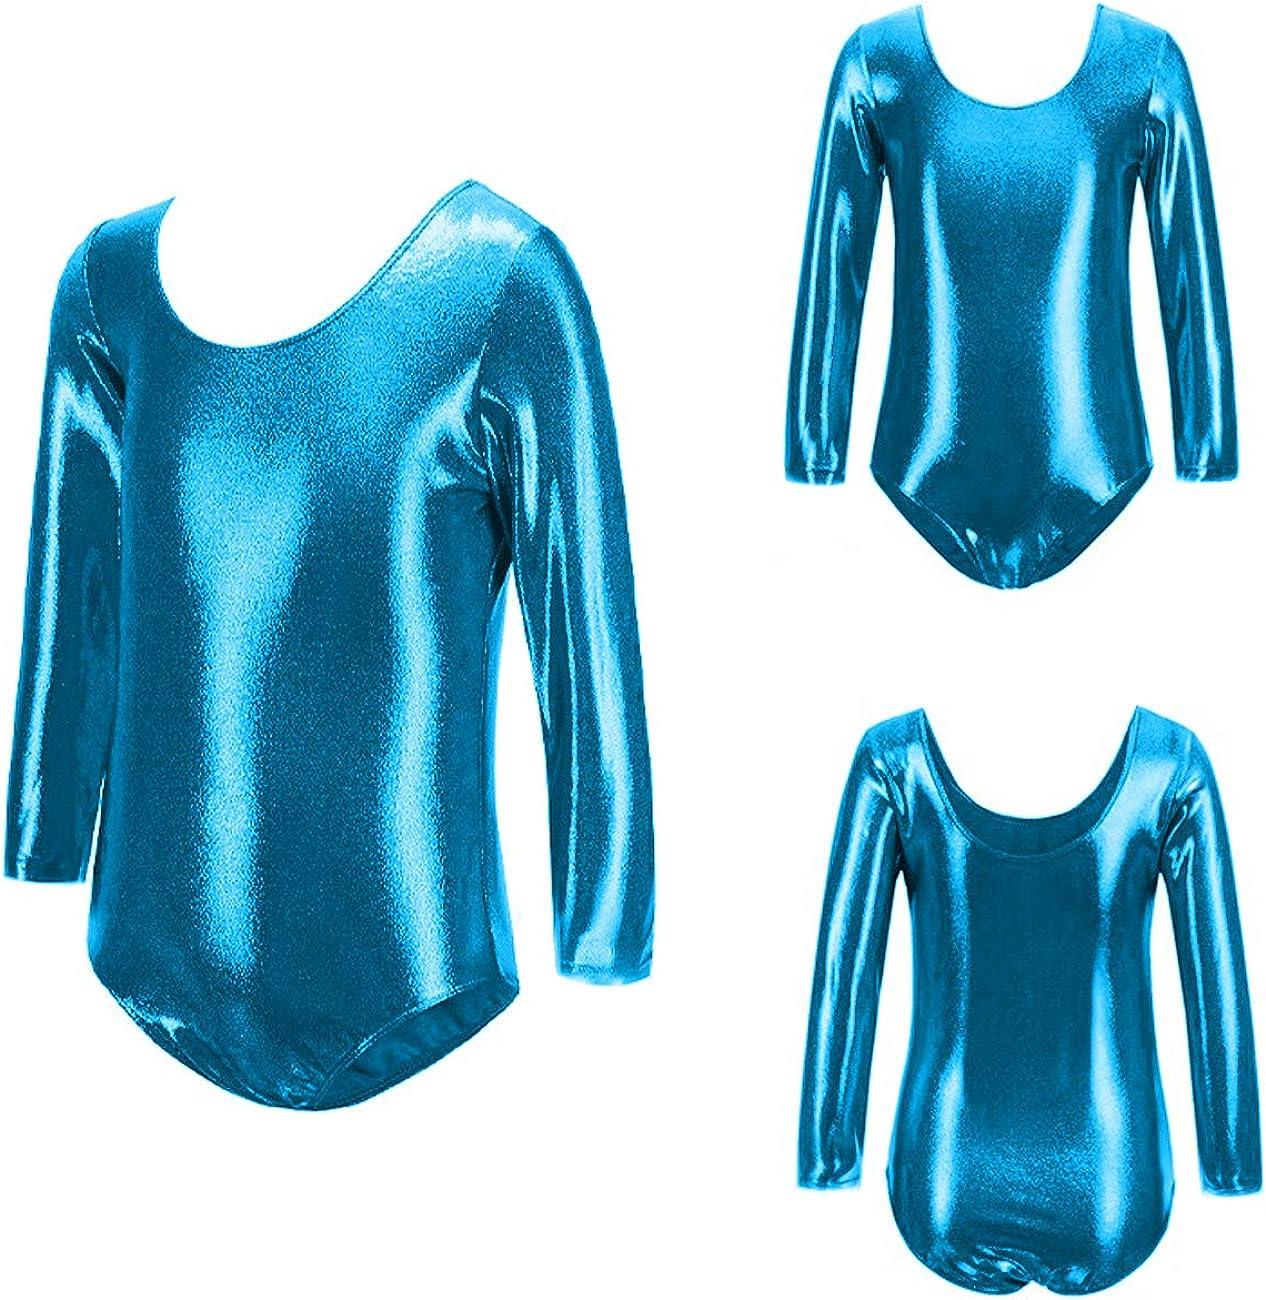 Furein Gymnastics Leotards for Girls and Women Long Sleeve//Sleeveless Round Neck Leotard Dancing Ballet Gymnastics Athletic Bodysuit